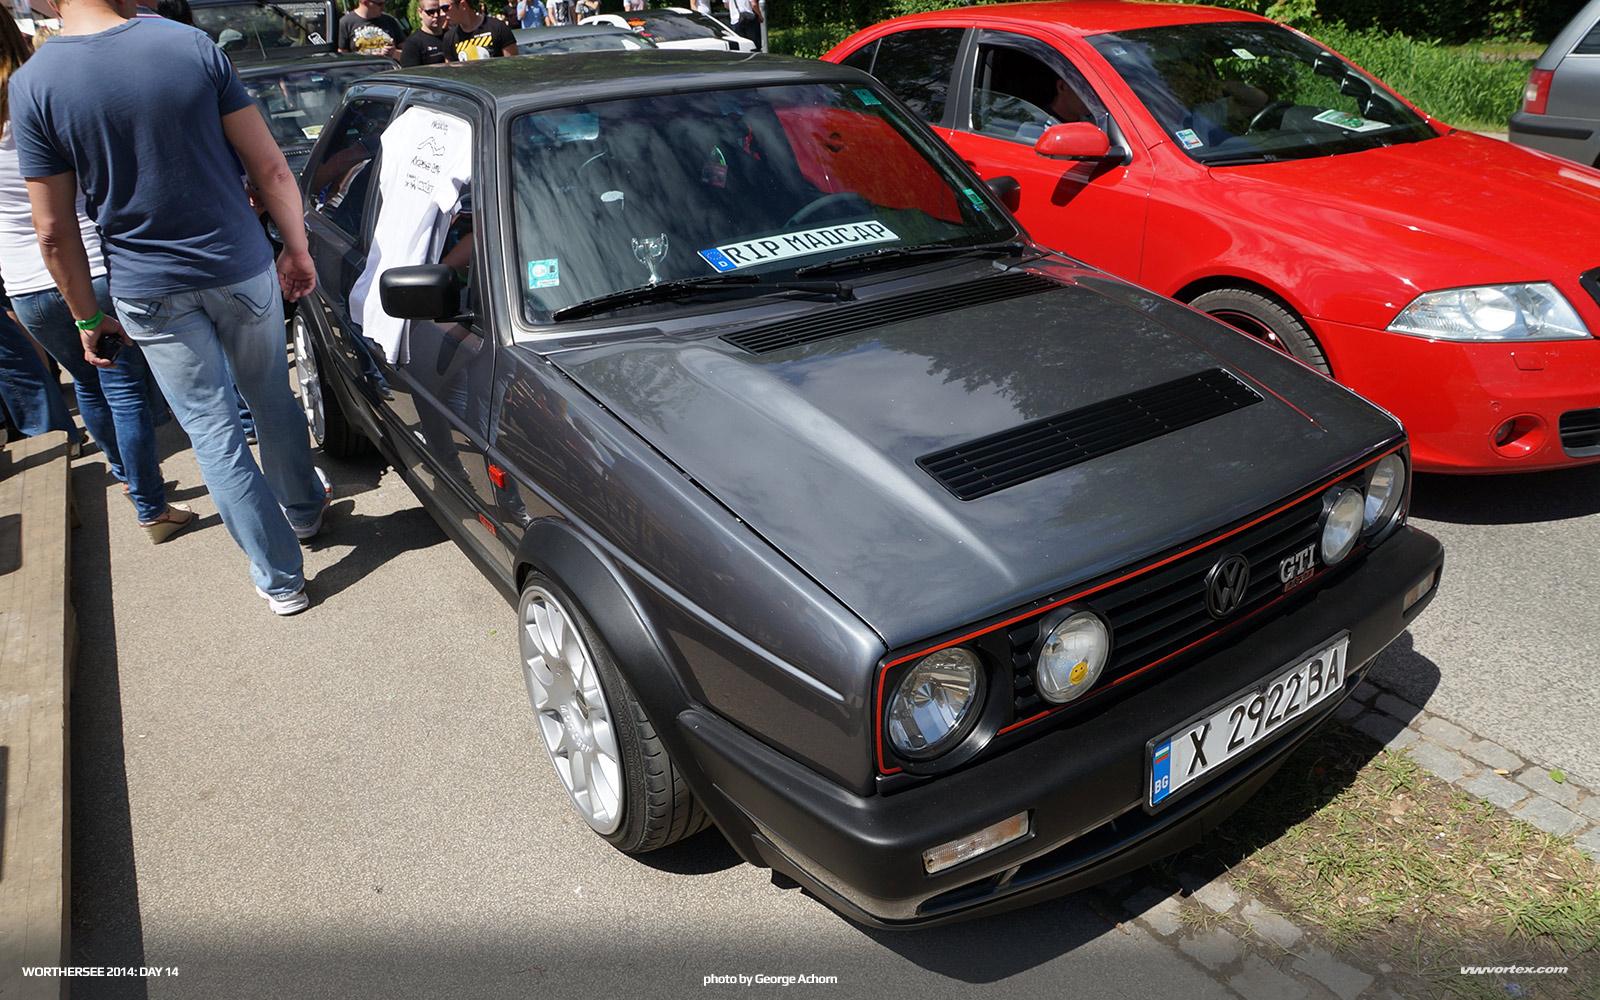 2014-Worthersee-Day-14-VWvortex-938